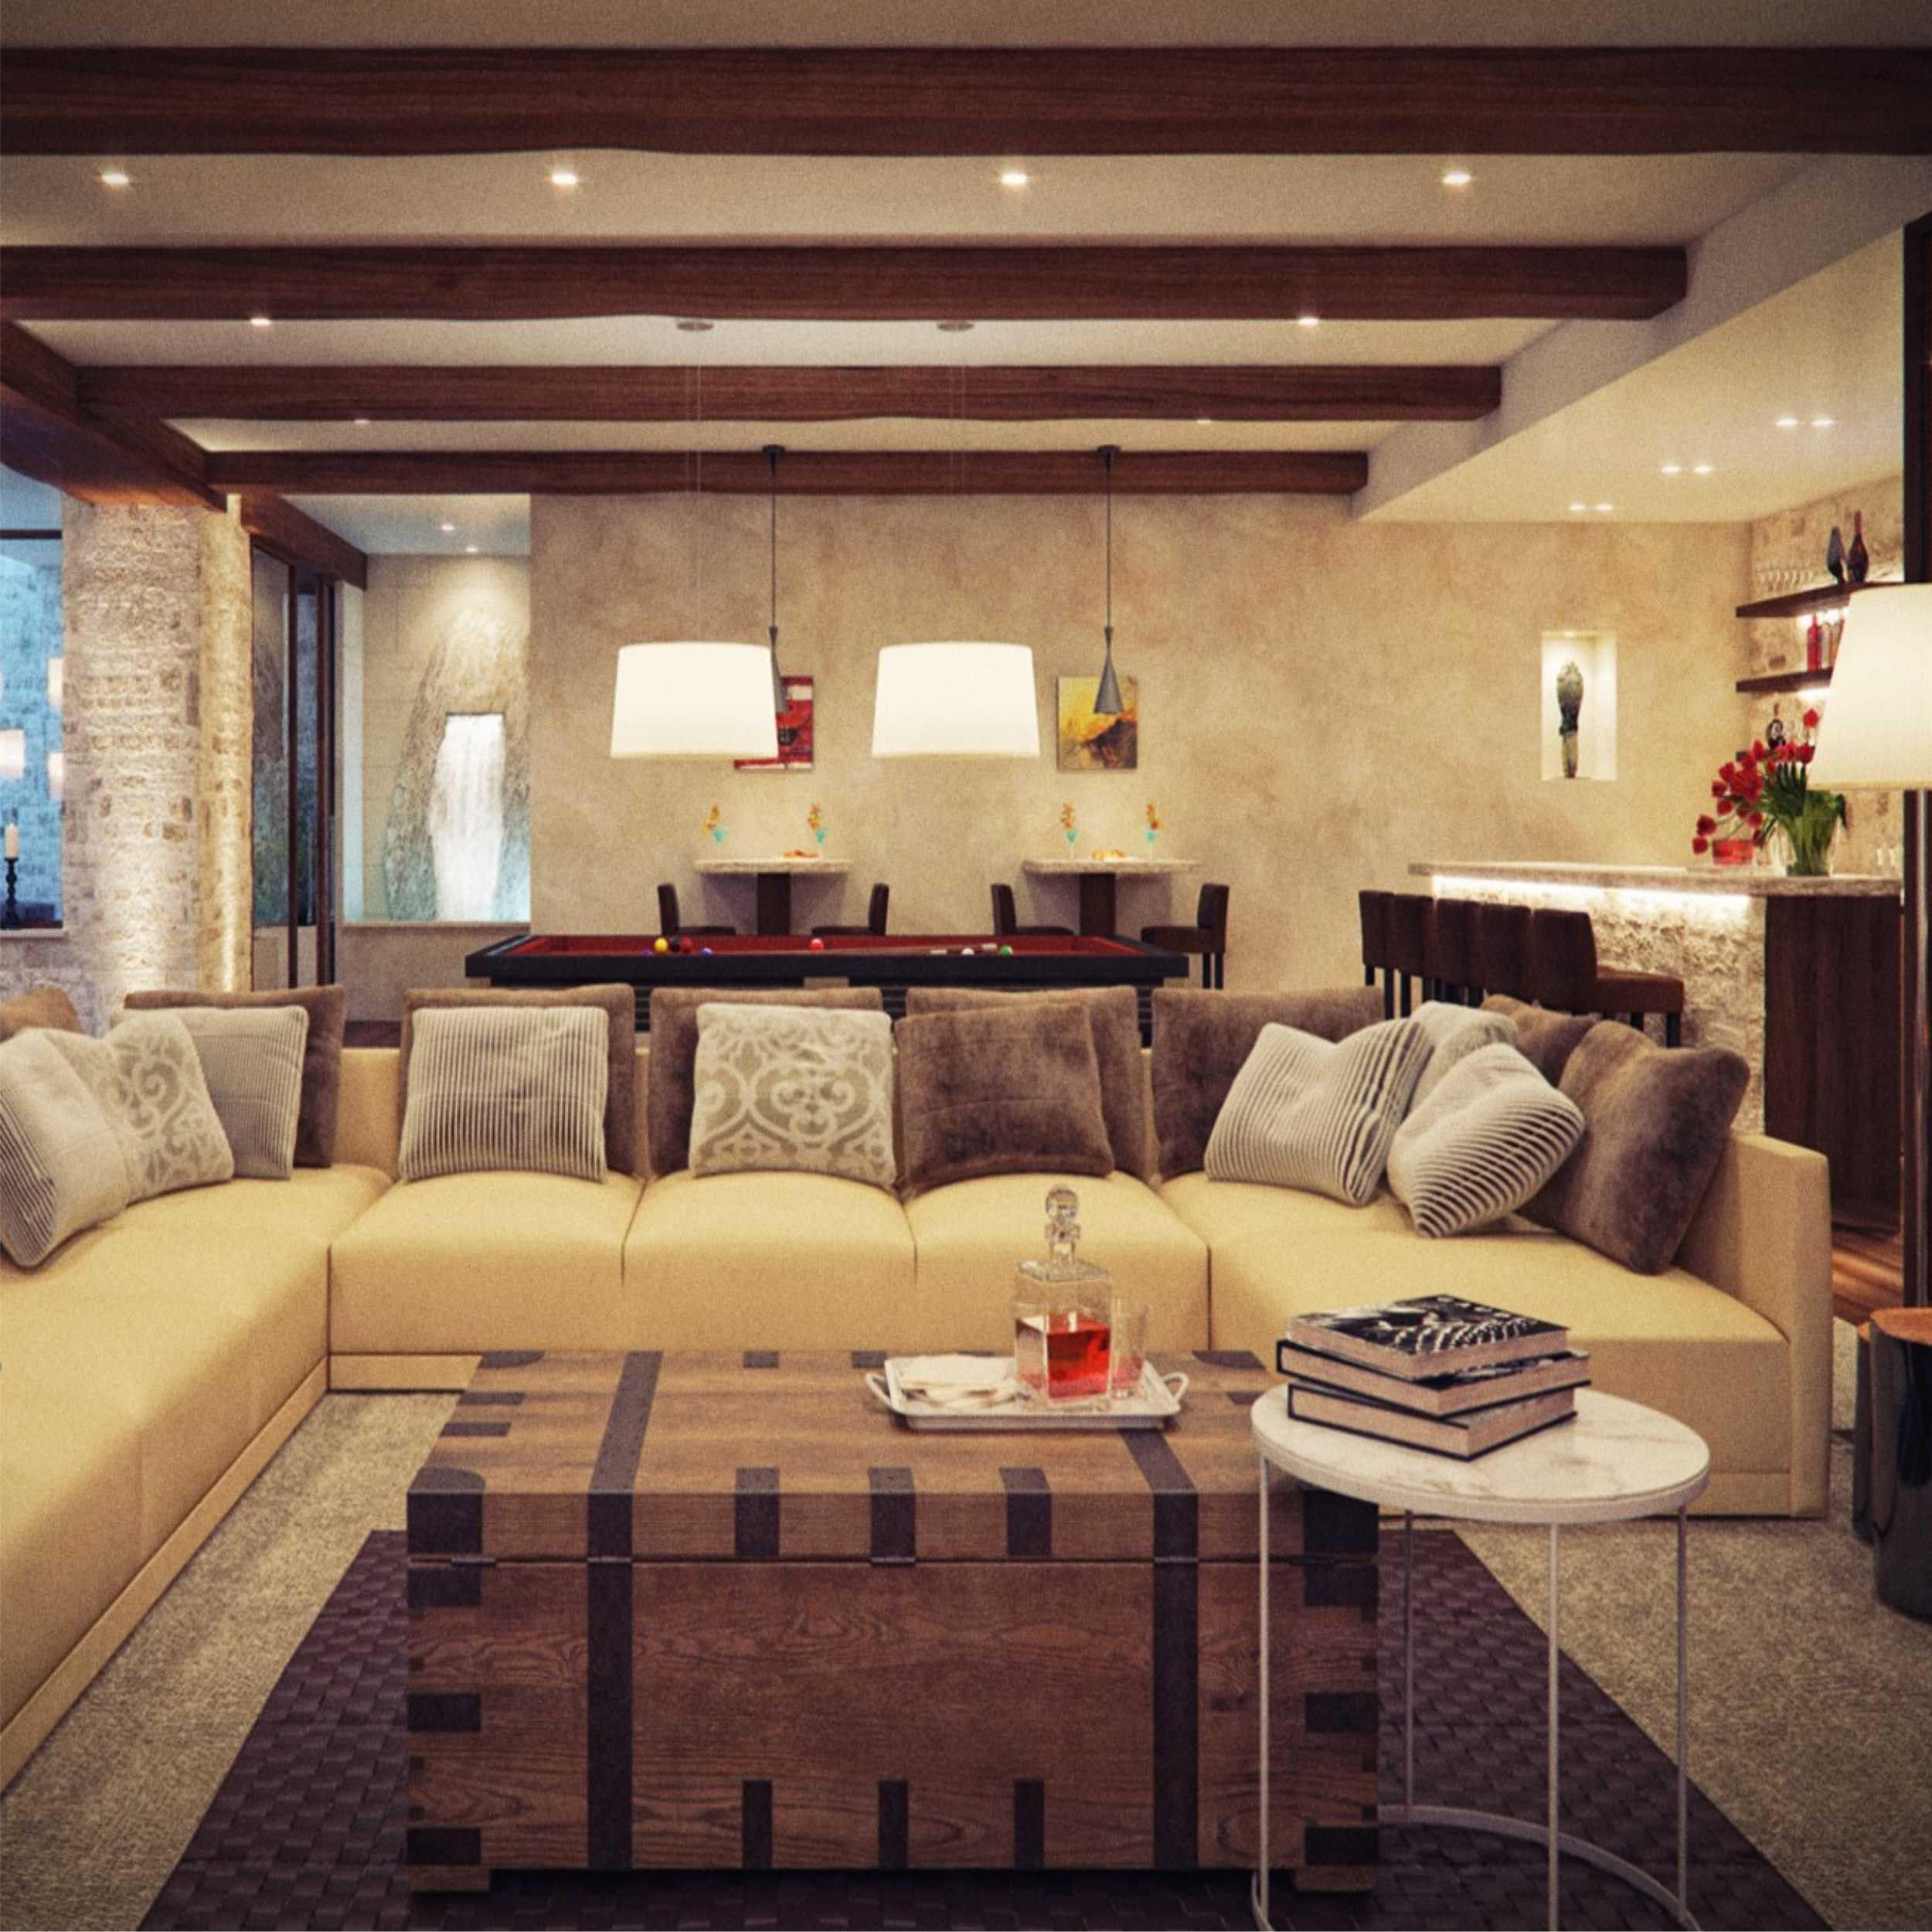 Đơn giản trong thiết kế nội thất giúp không gian căn hộ chung cư kiểu Nhật trở nên gọn gàng và rộng rãi